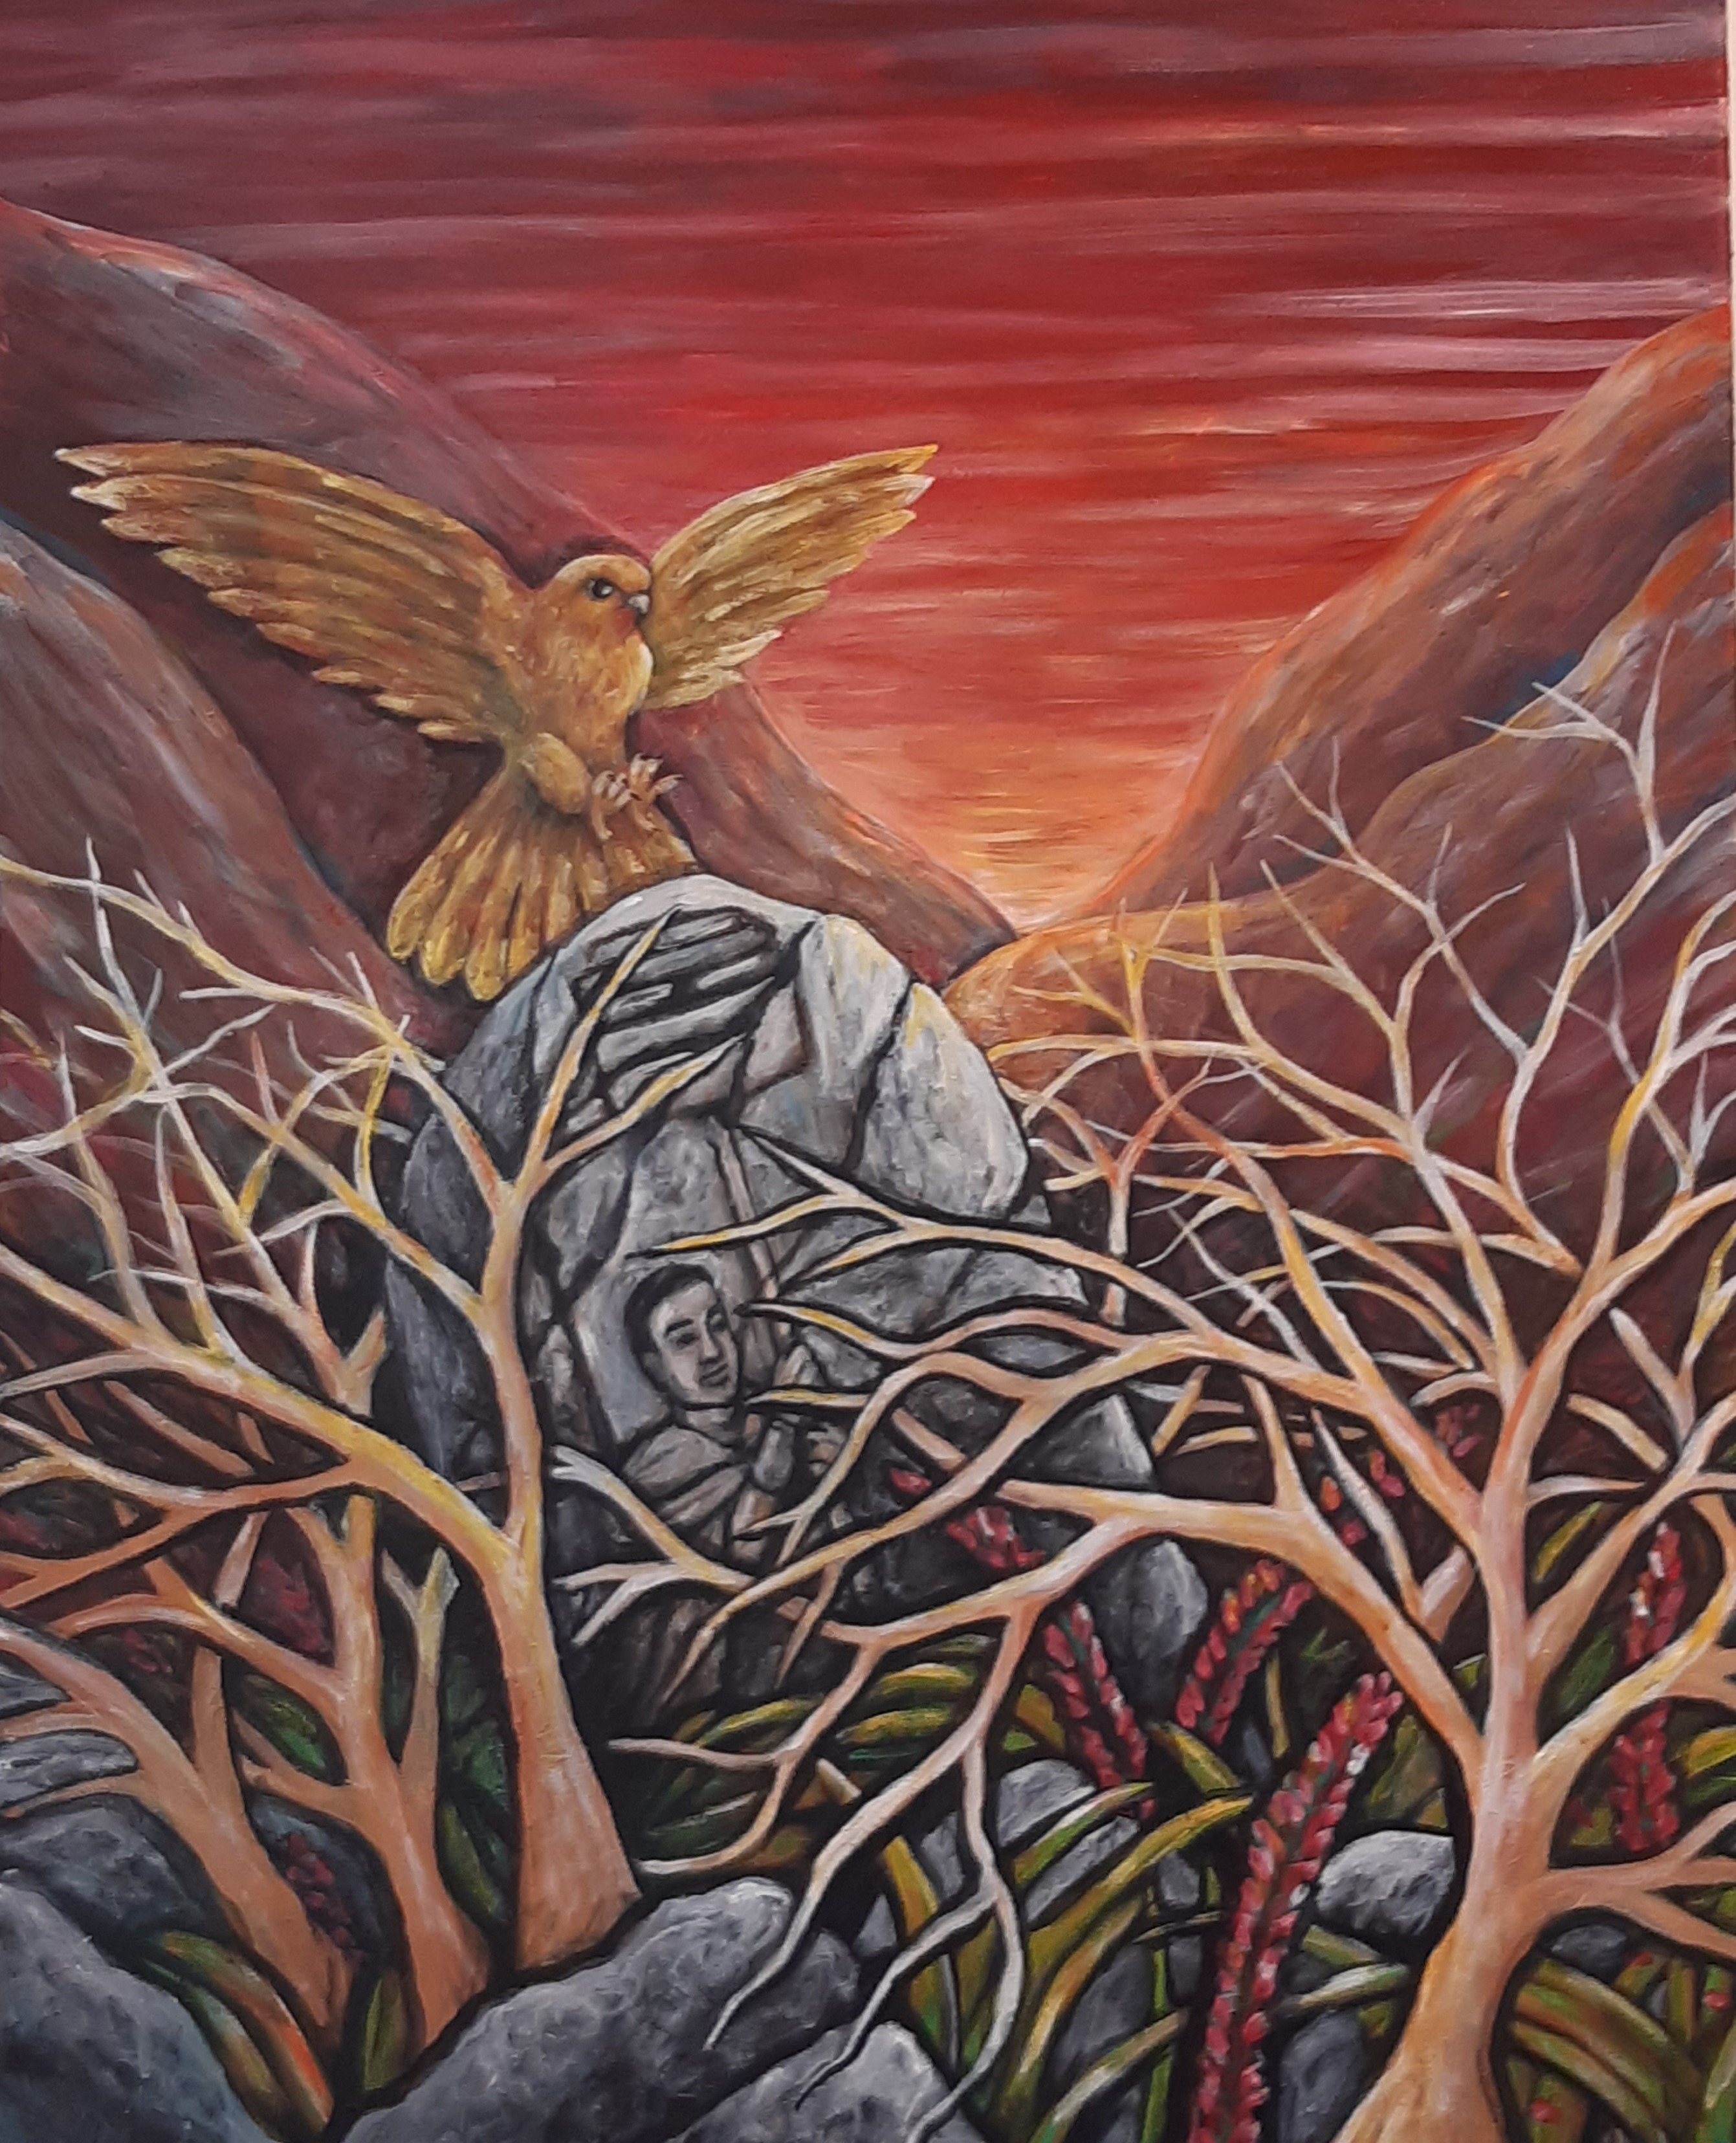 Lost Eagle3